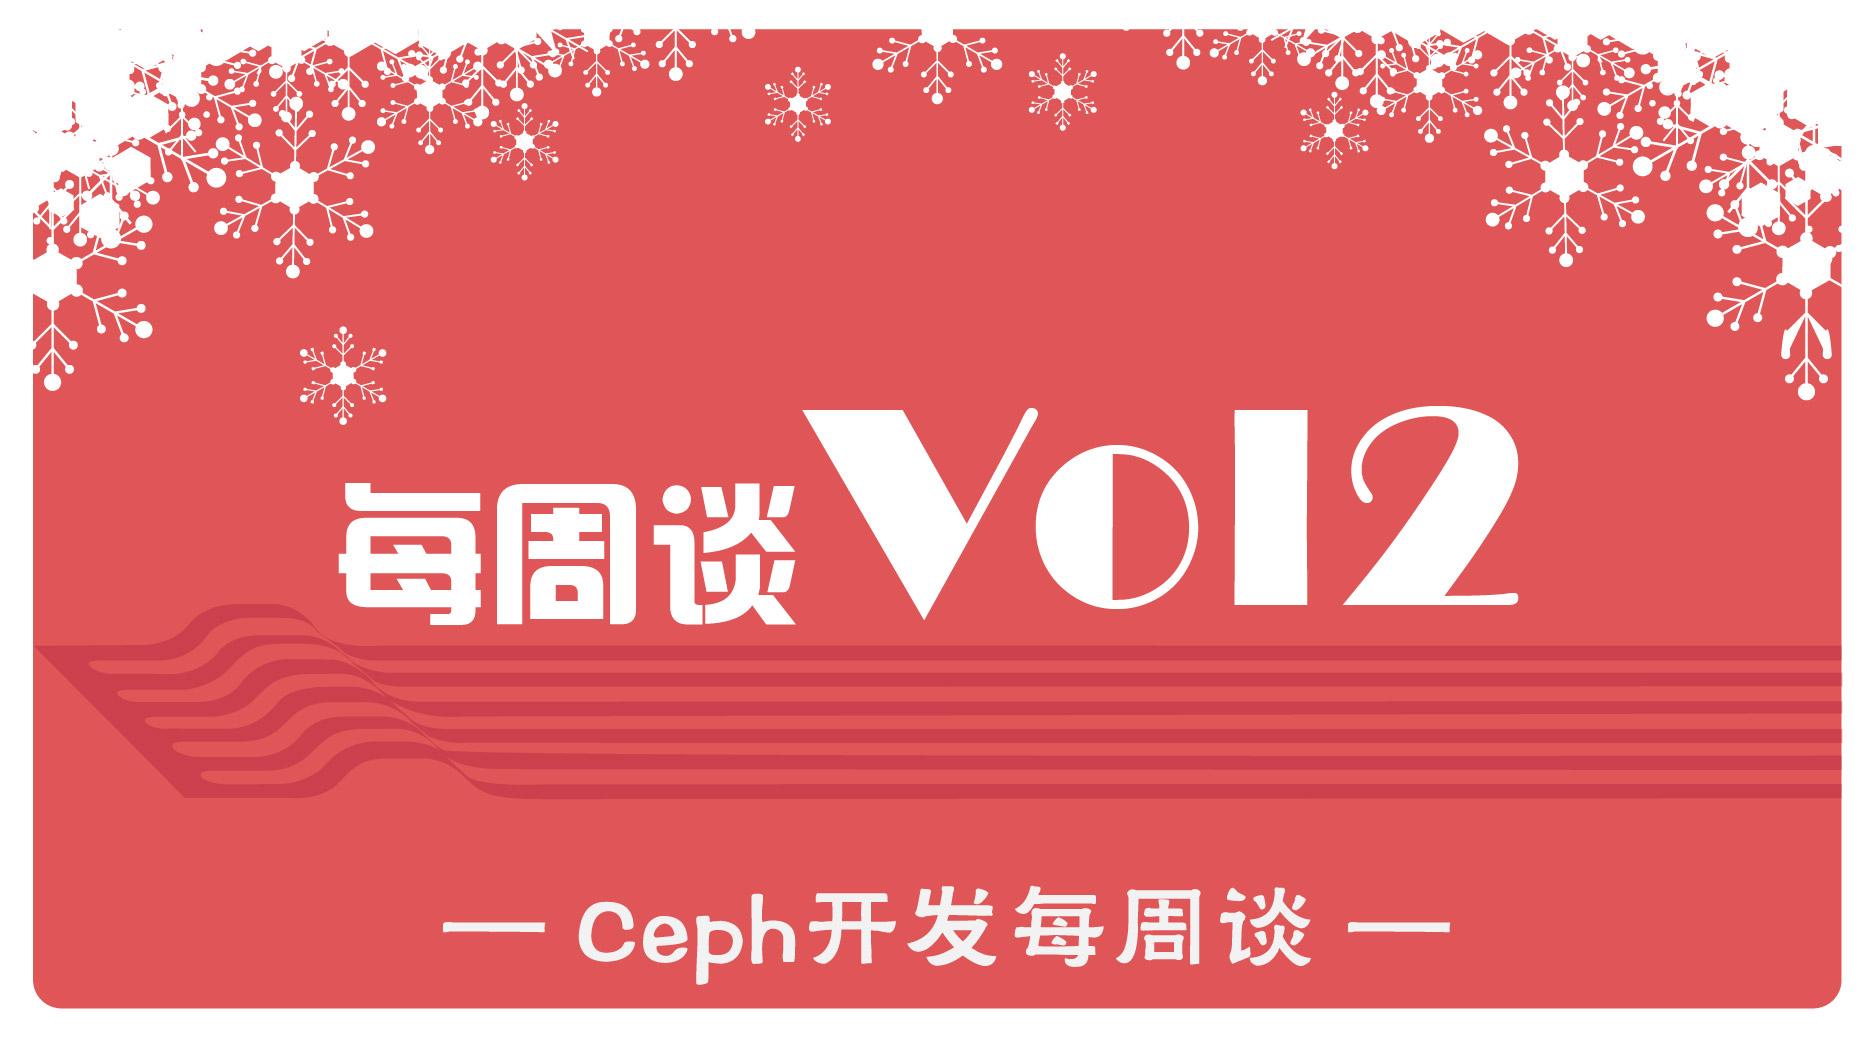 Ceph开发每周谈Vol2